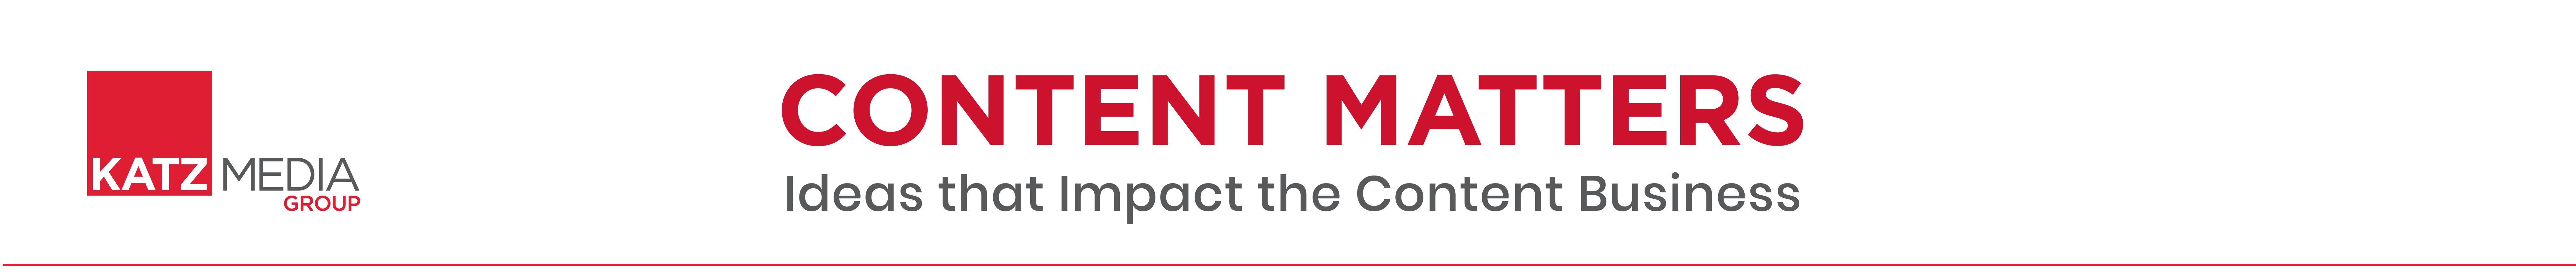 Content_Matters_Landing-01[2]